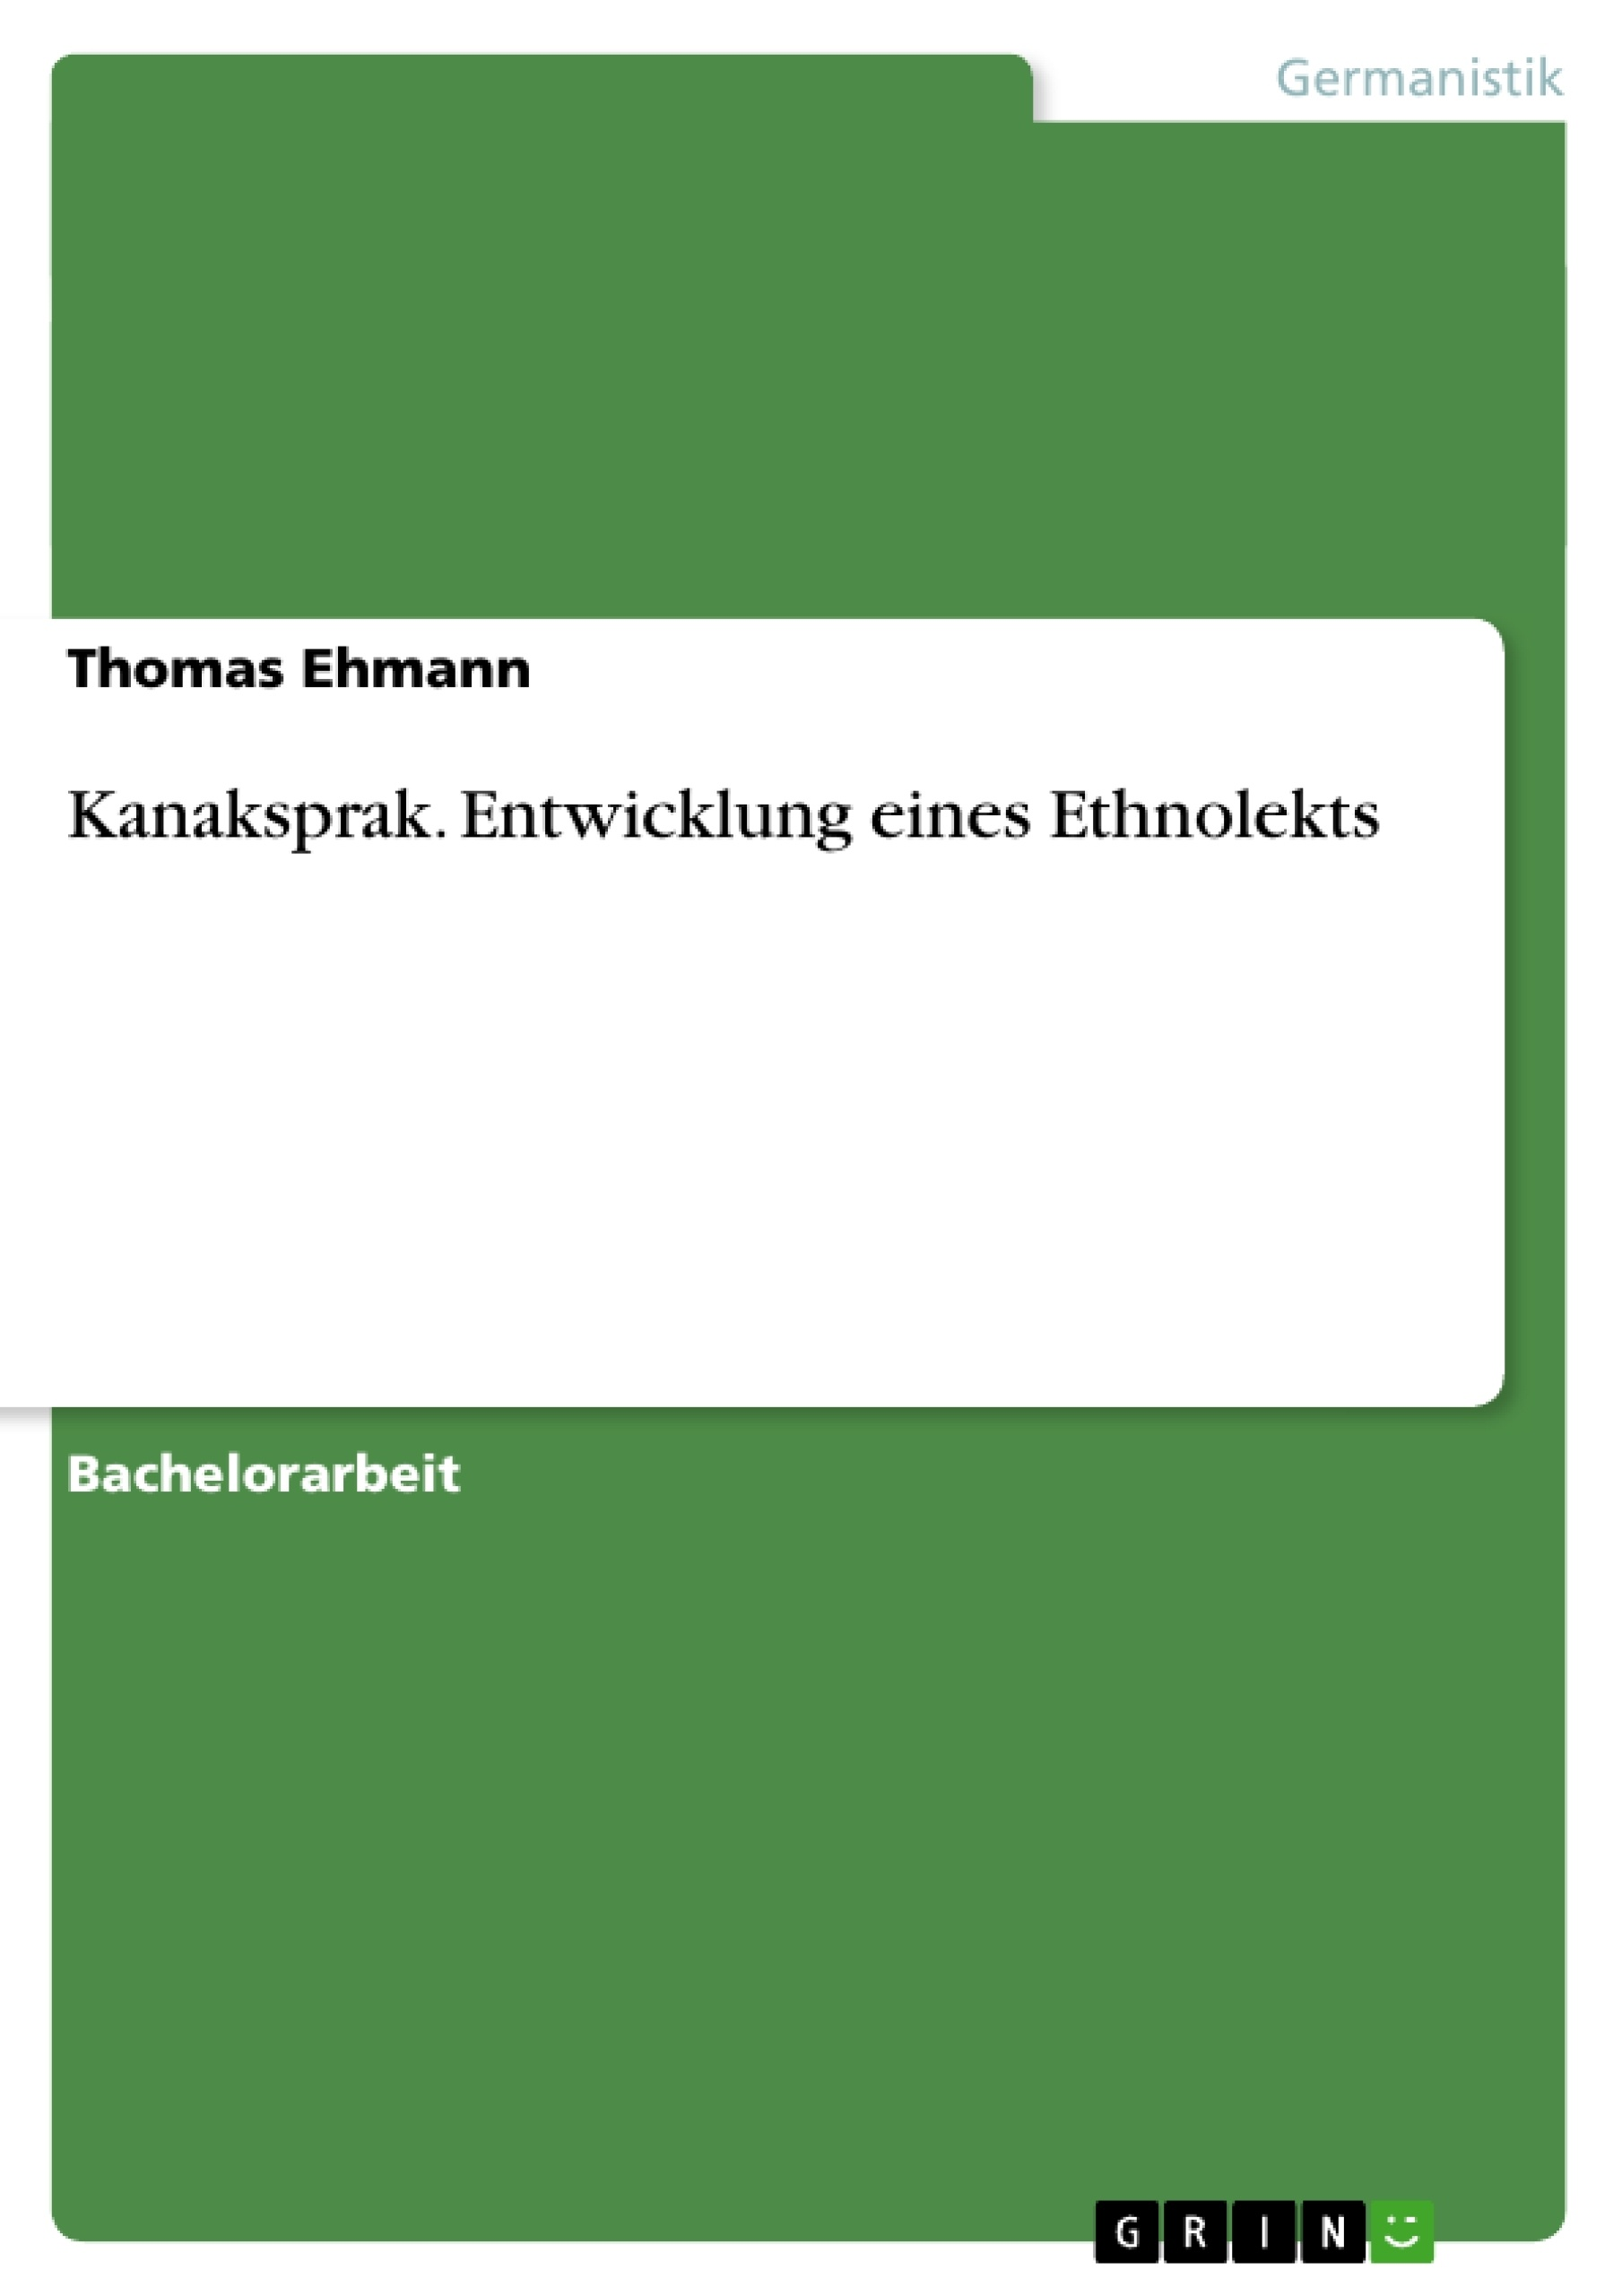 Titel: Kanaksprak. Entwicklung eines Ethnolekts